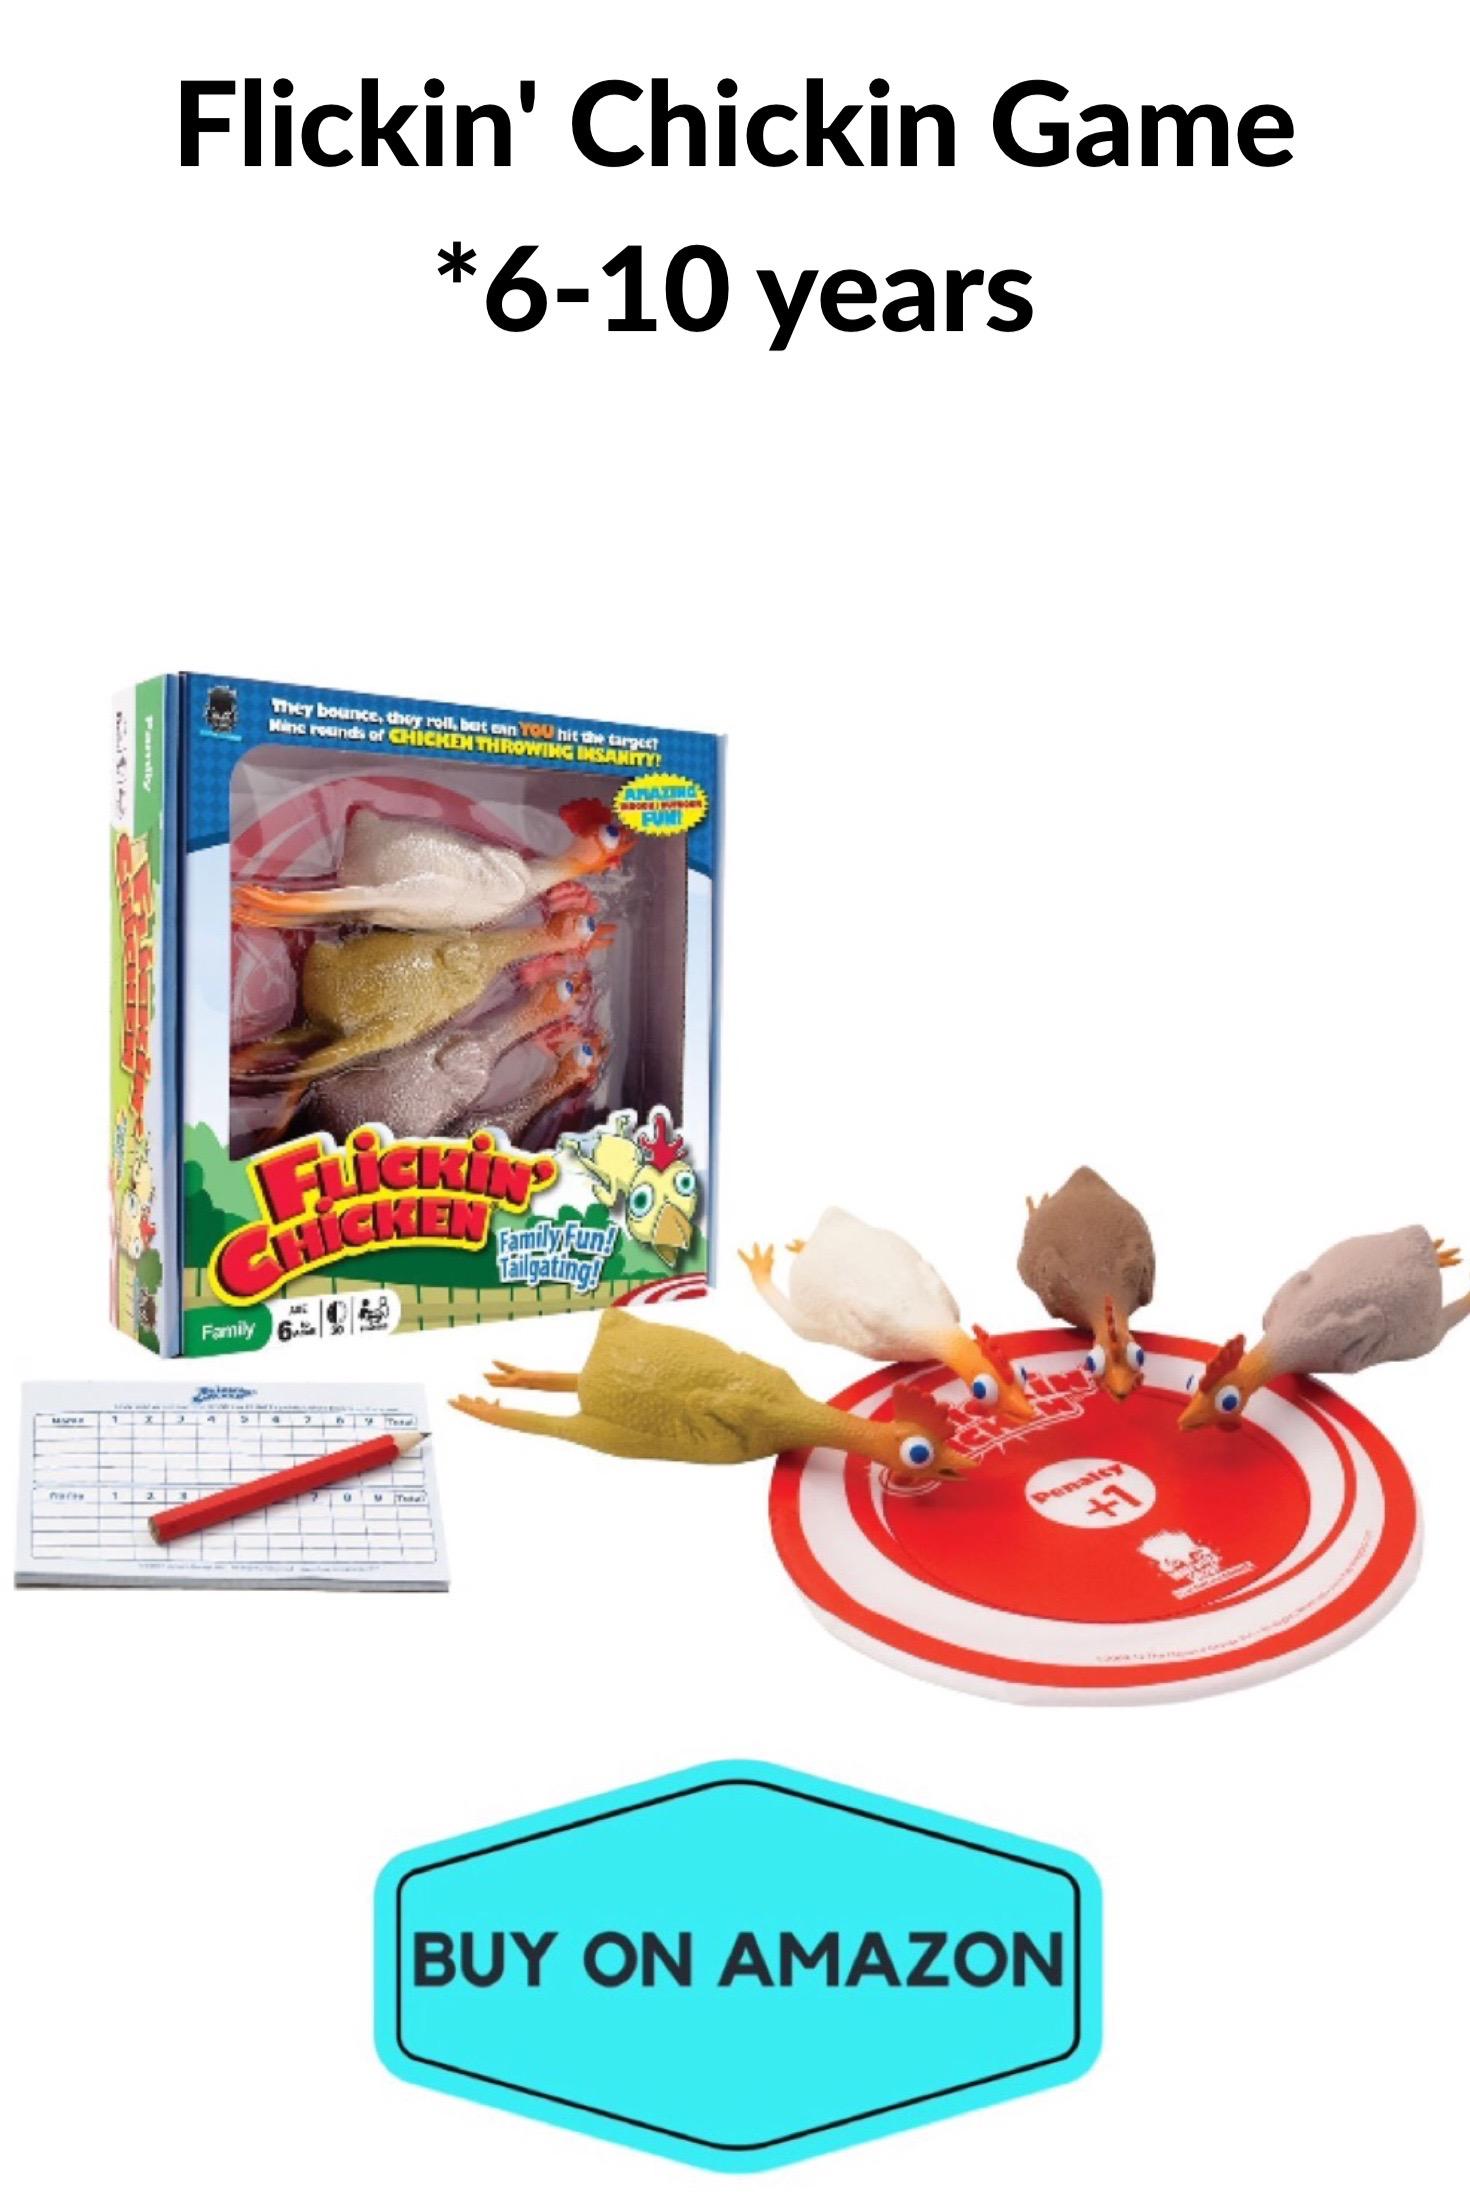 Flickin' Chicken Game, Ages 6-10